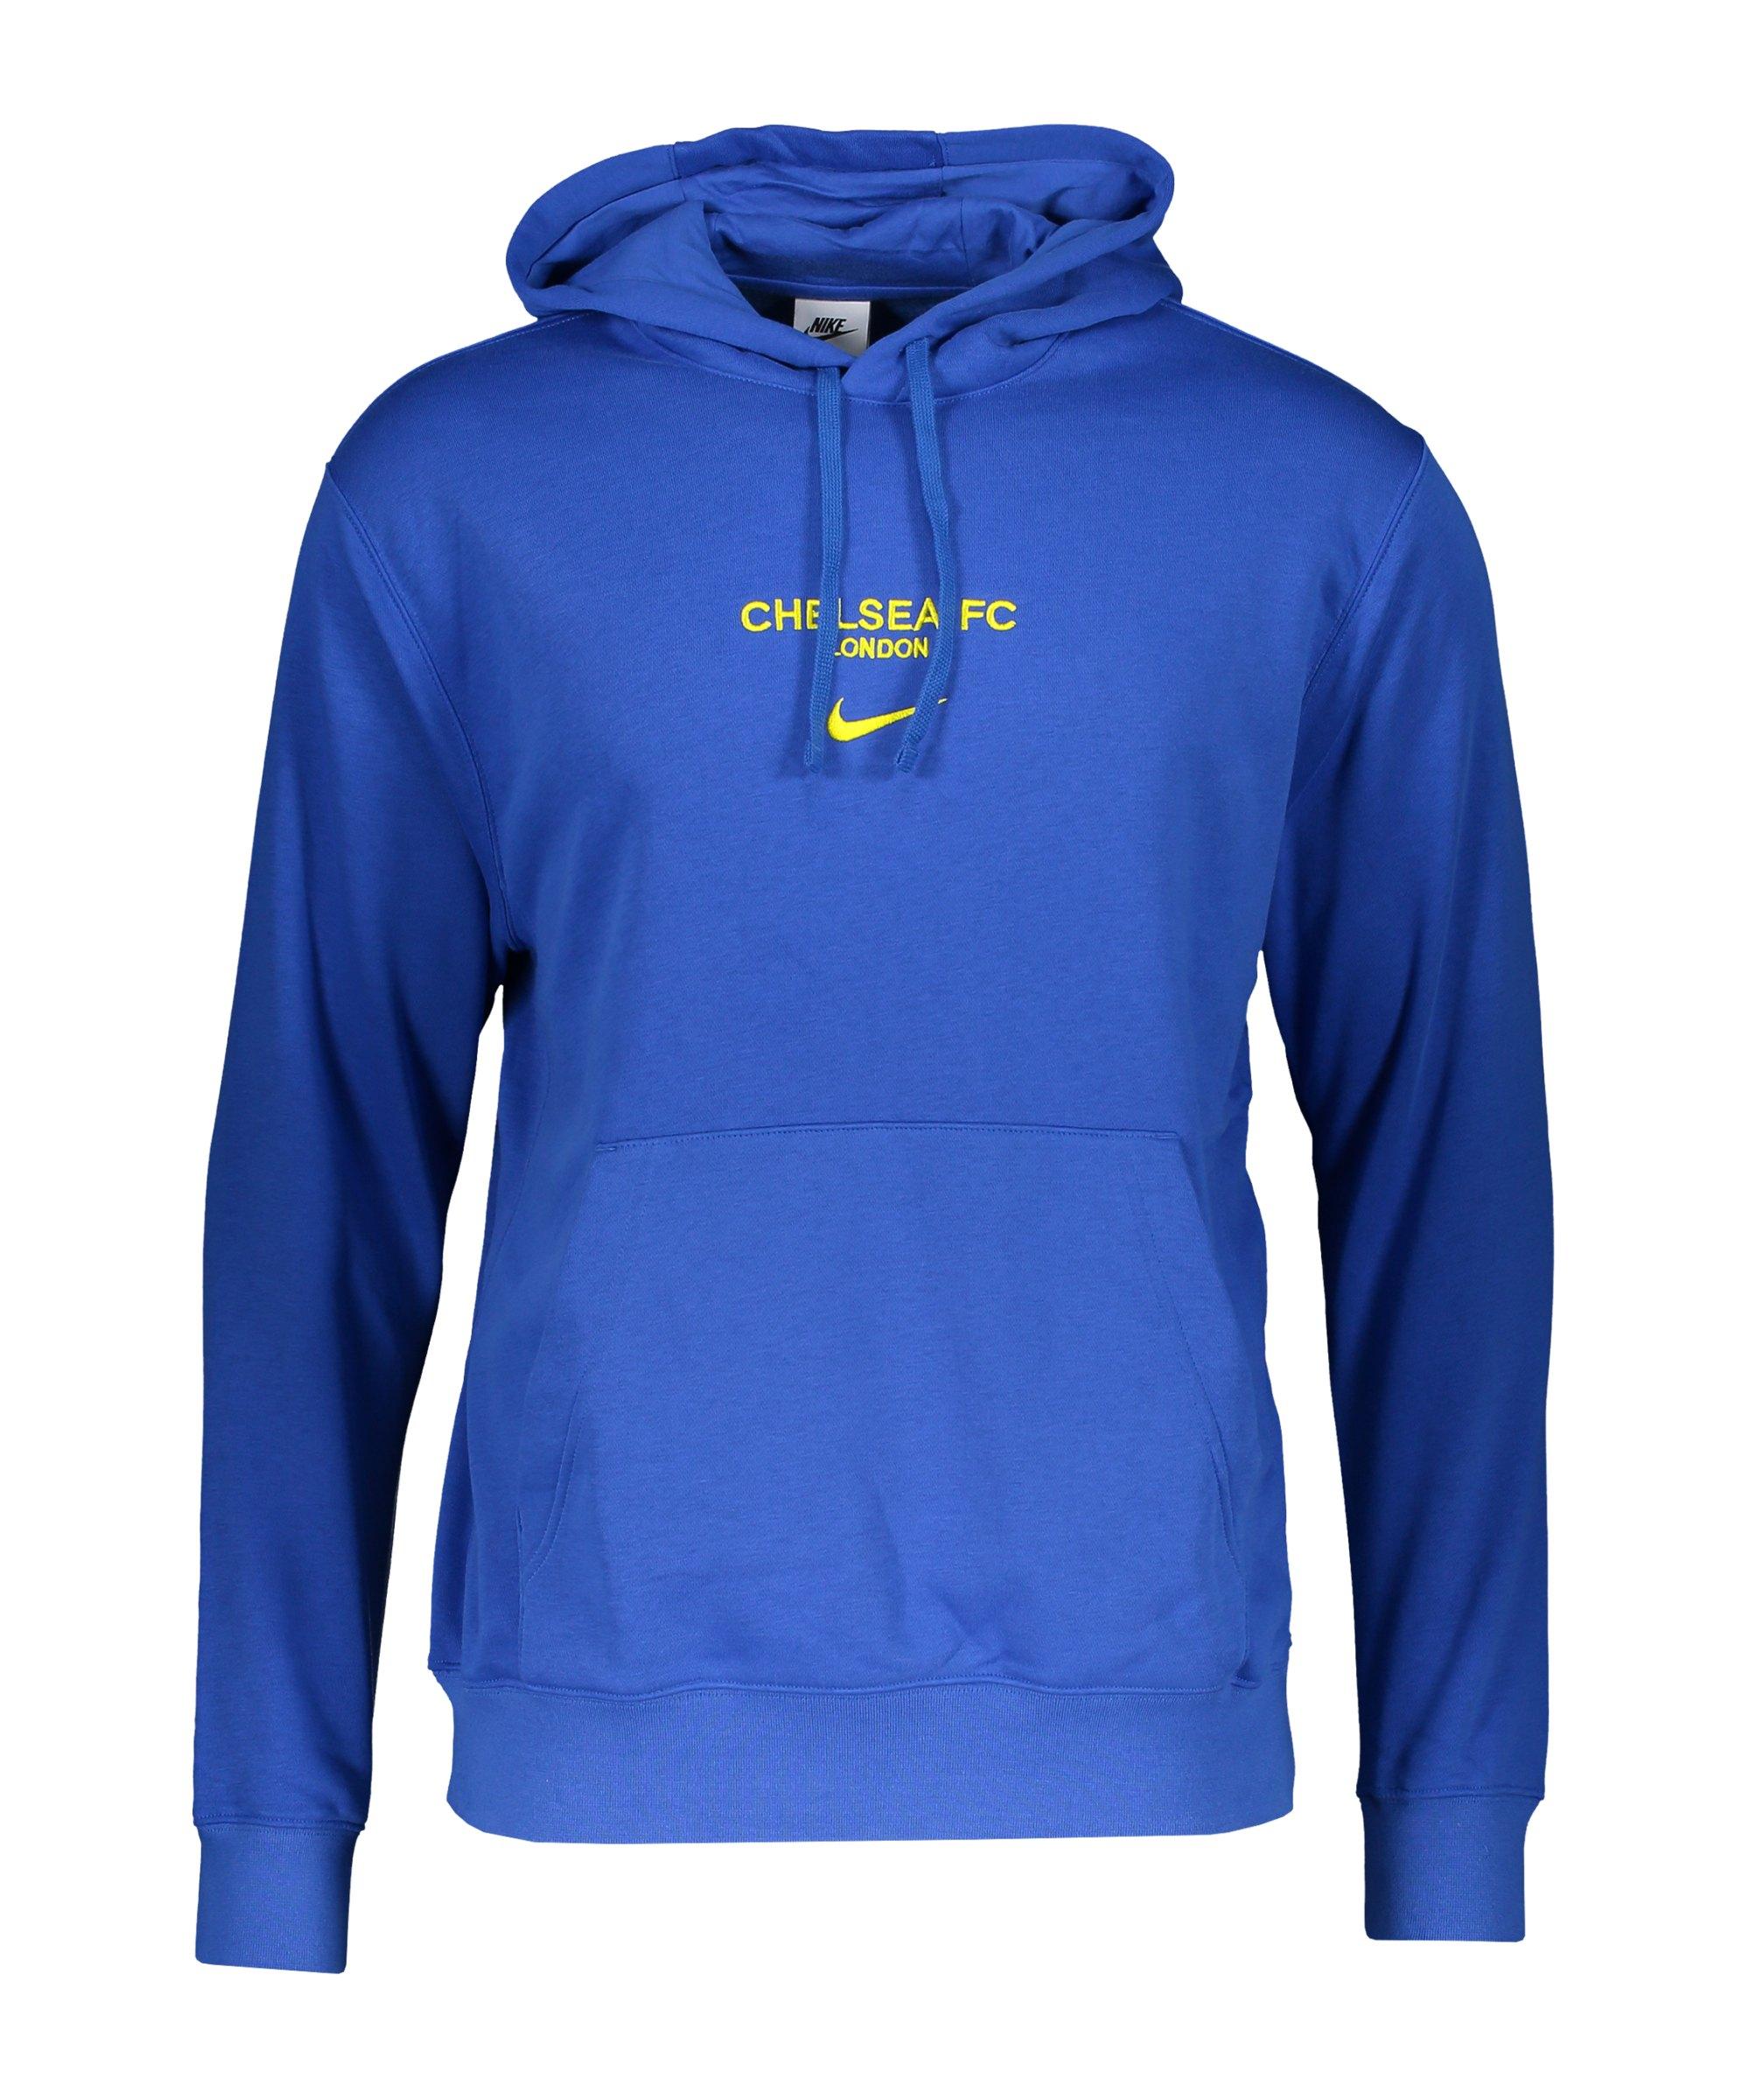 Nike FC Chelsea London Hoody Blau F408 - blau